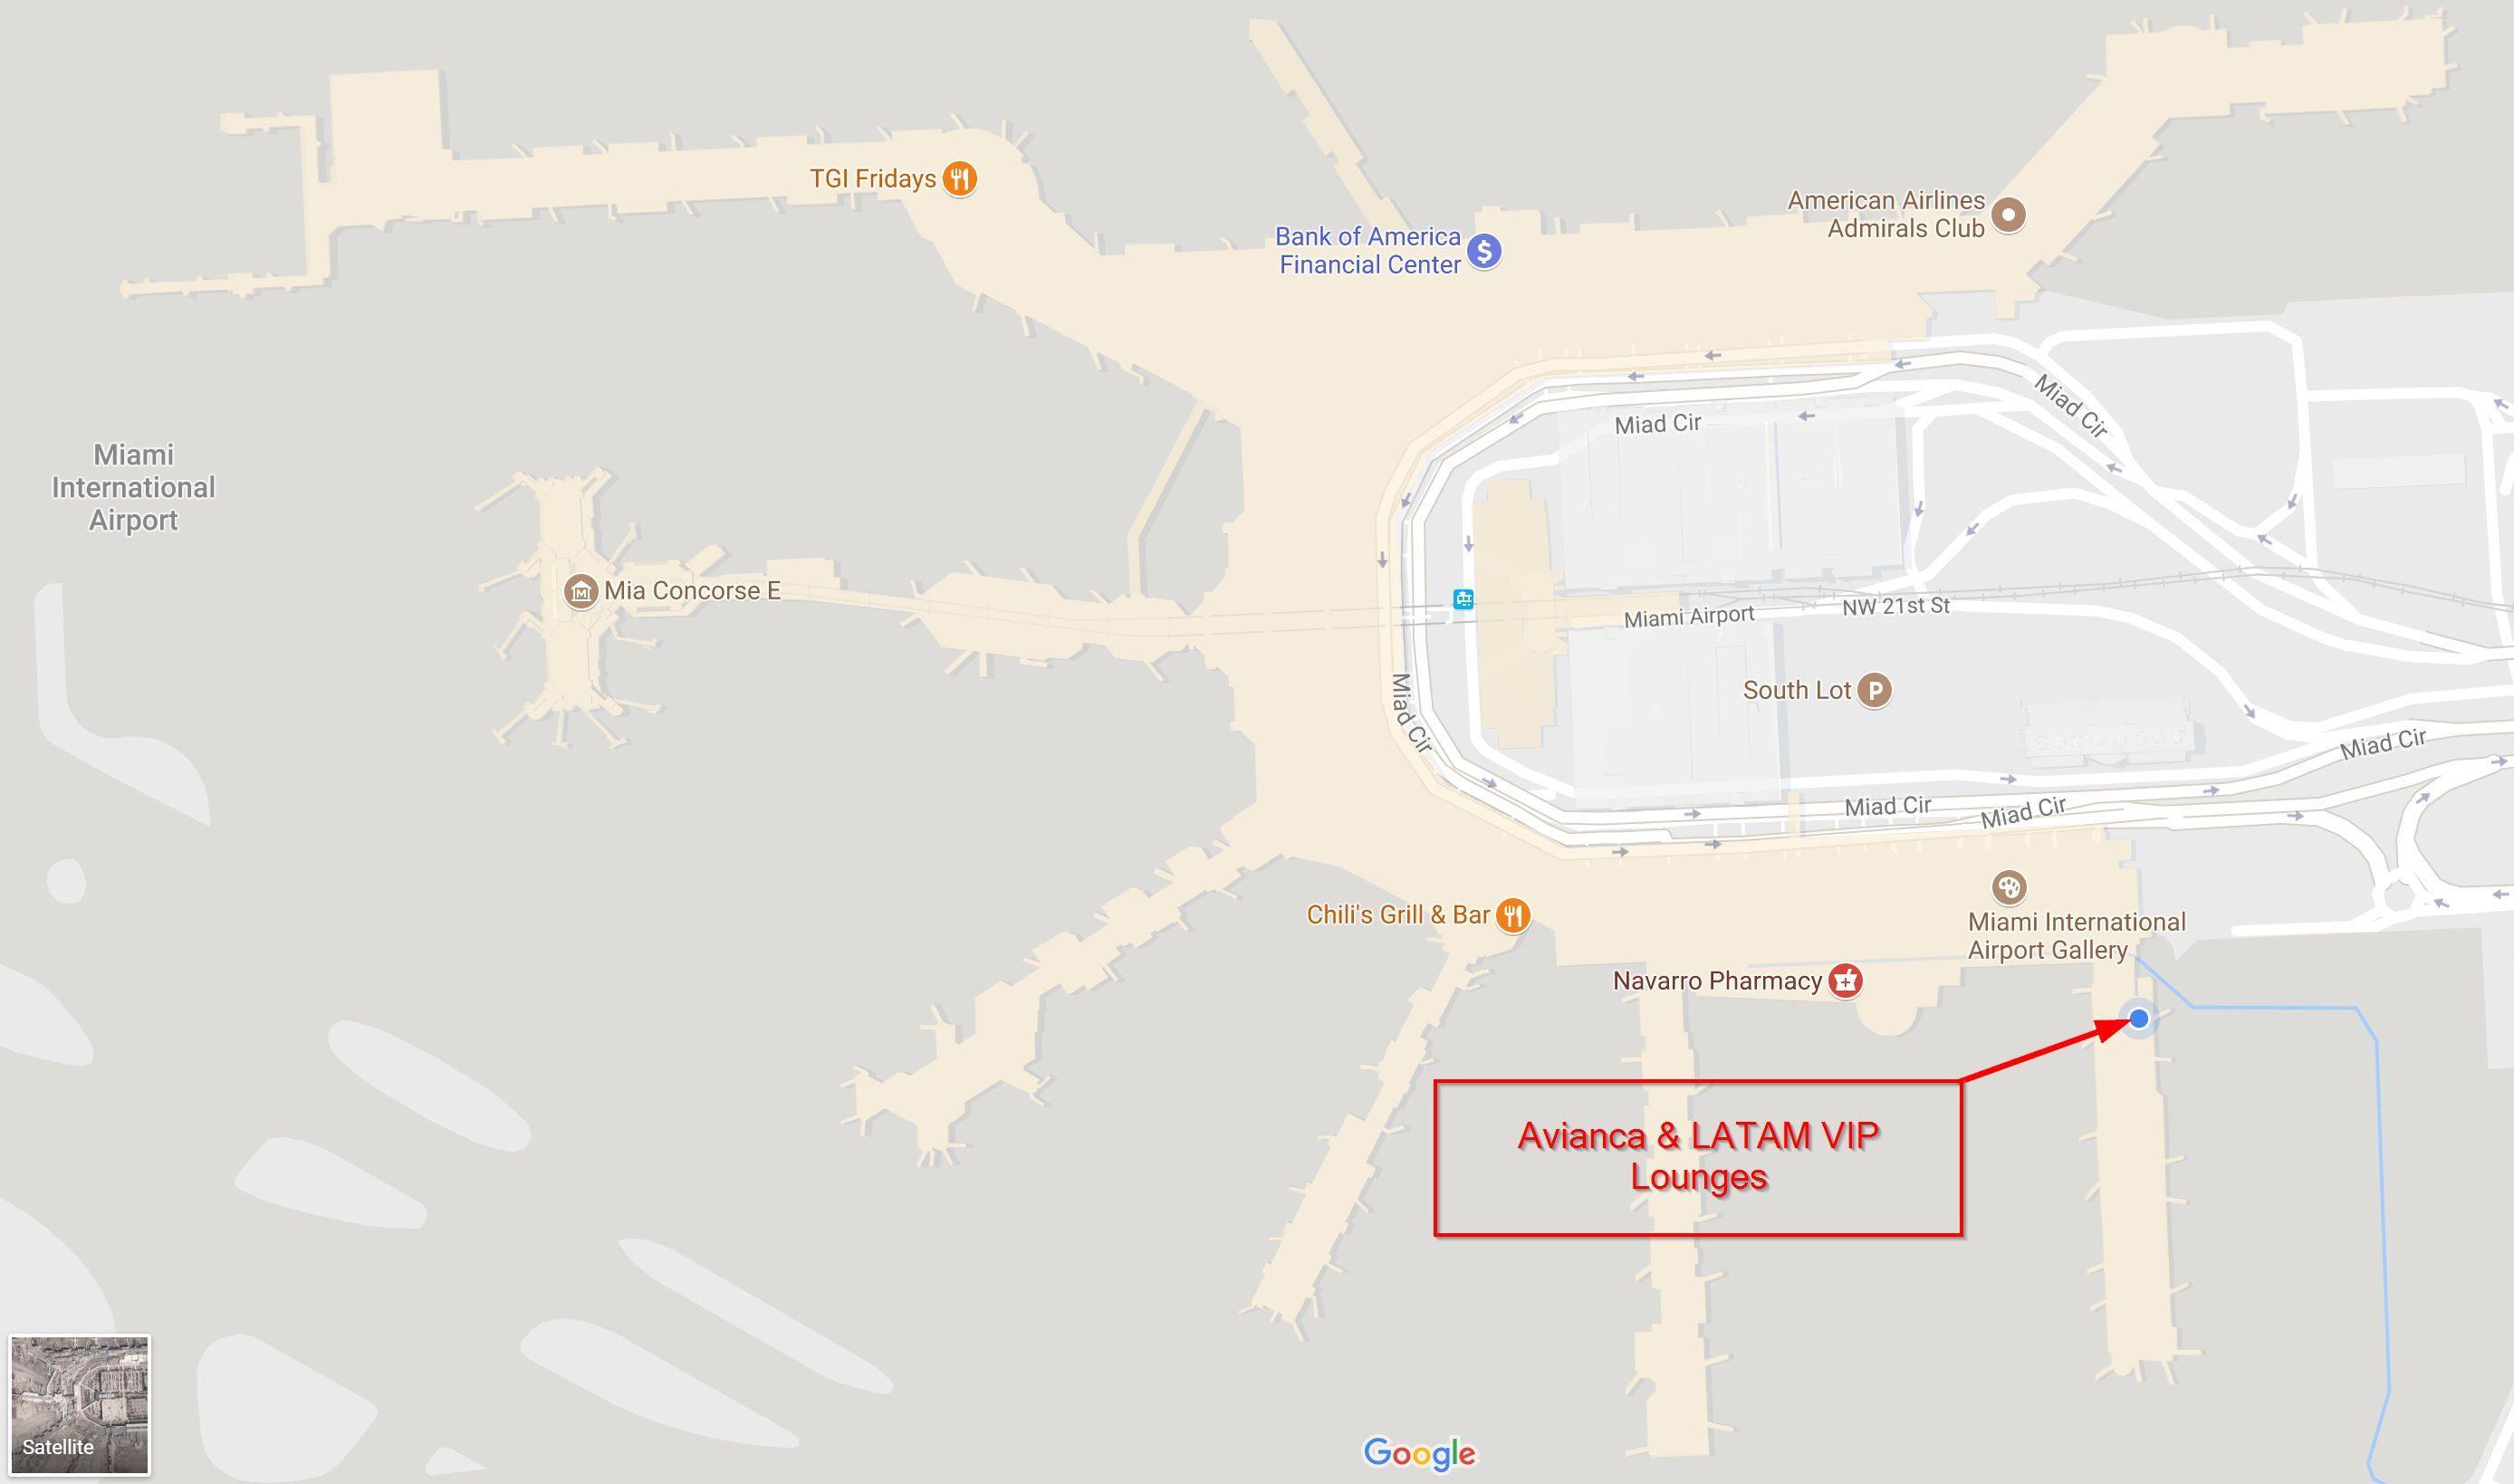 miami airport departure map